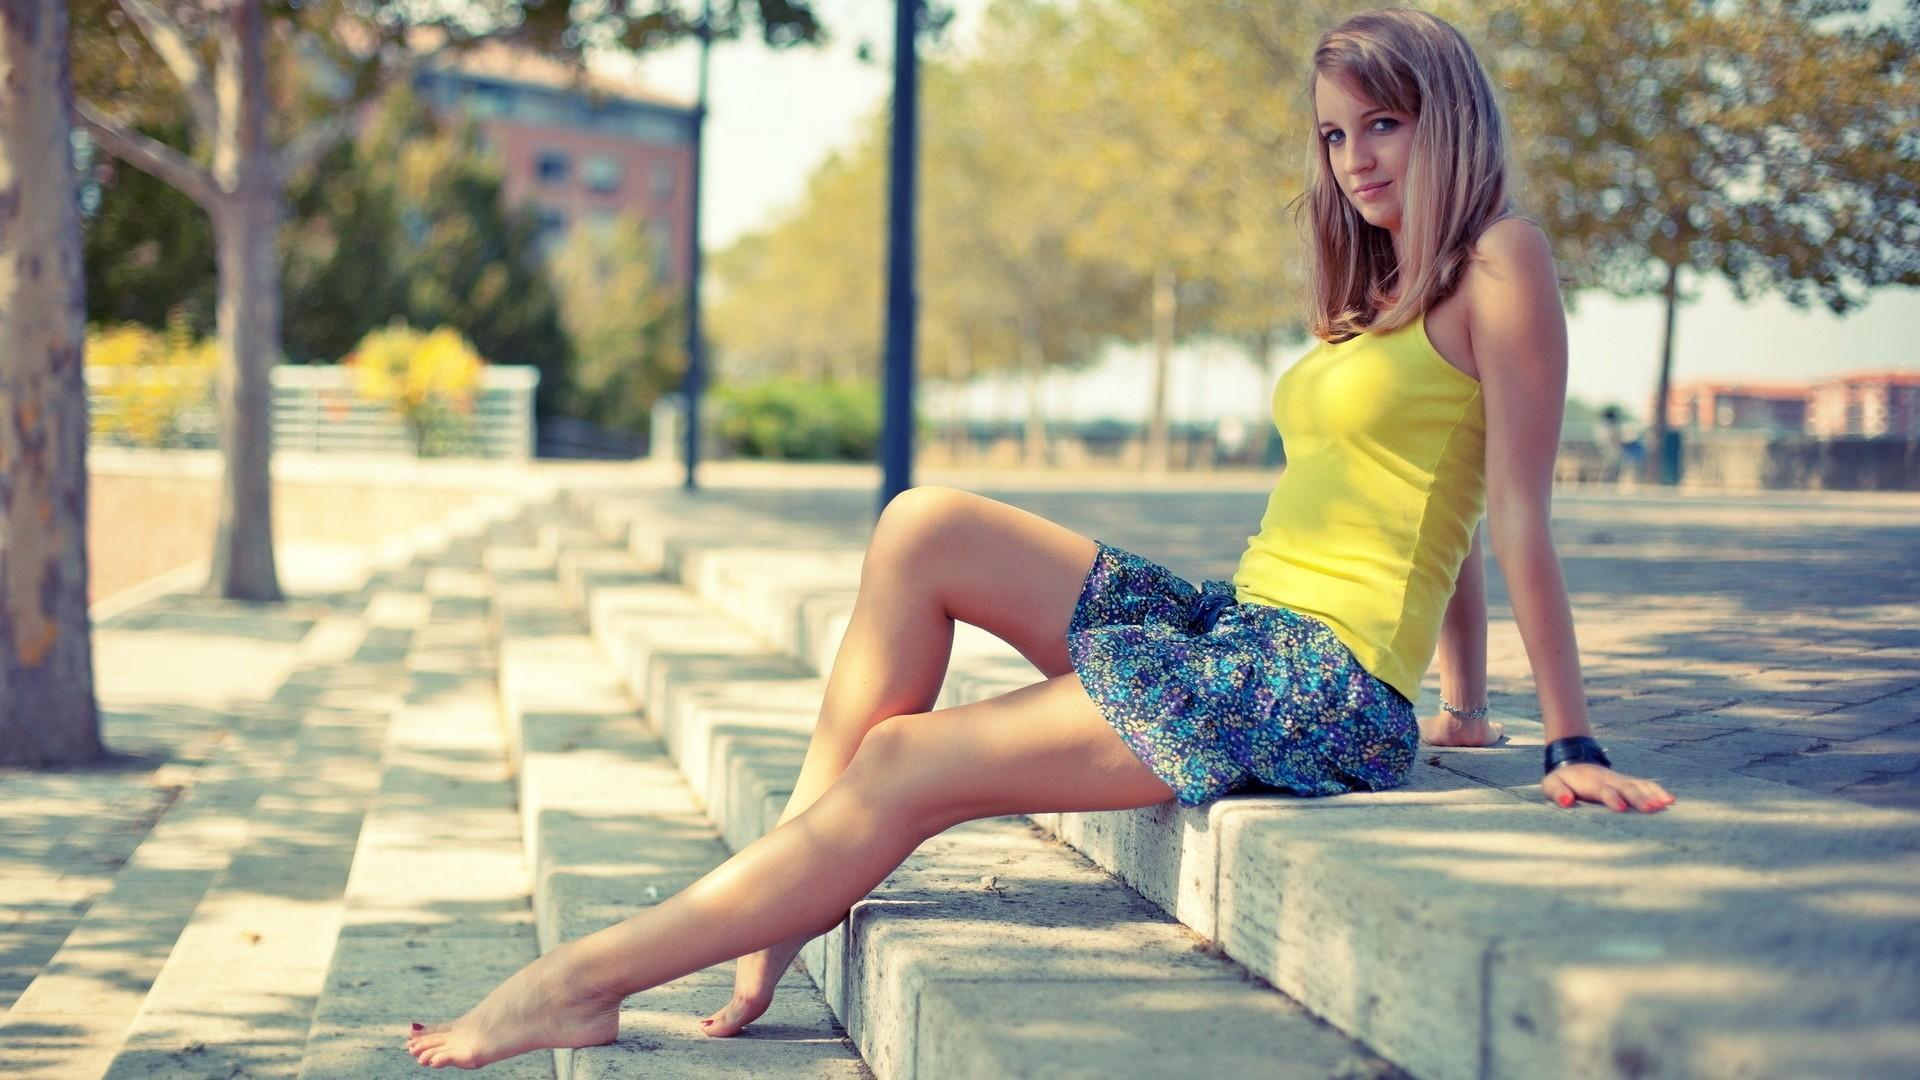 Фото на улице русских девушек ножки 7 фотография